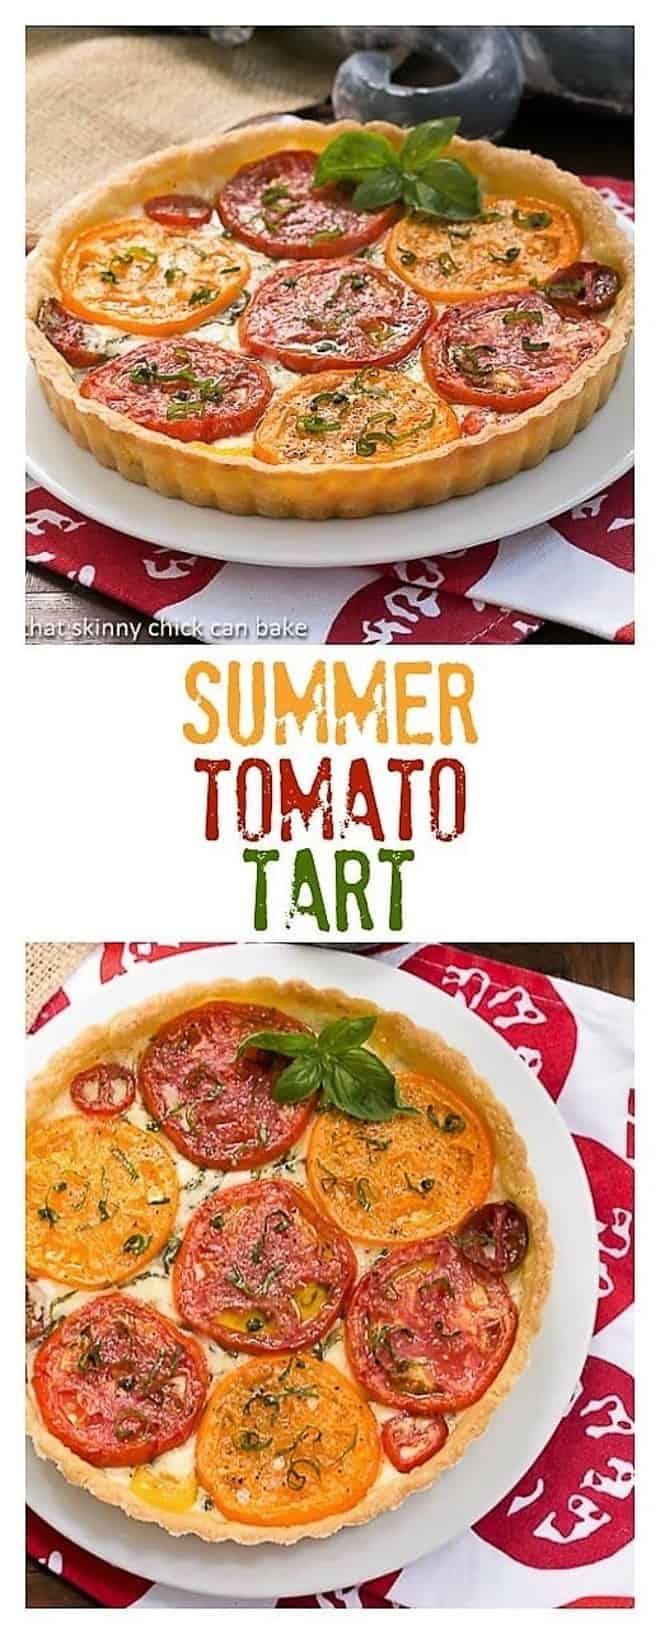 Summer Tomato Tart - a layered cheese and tomato pie #summertart #savorytart #tomatotart #fontina #summertomatoes